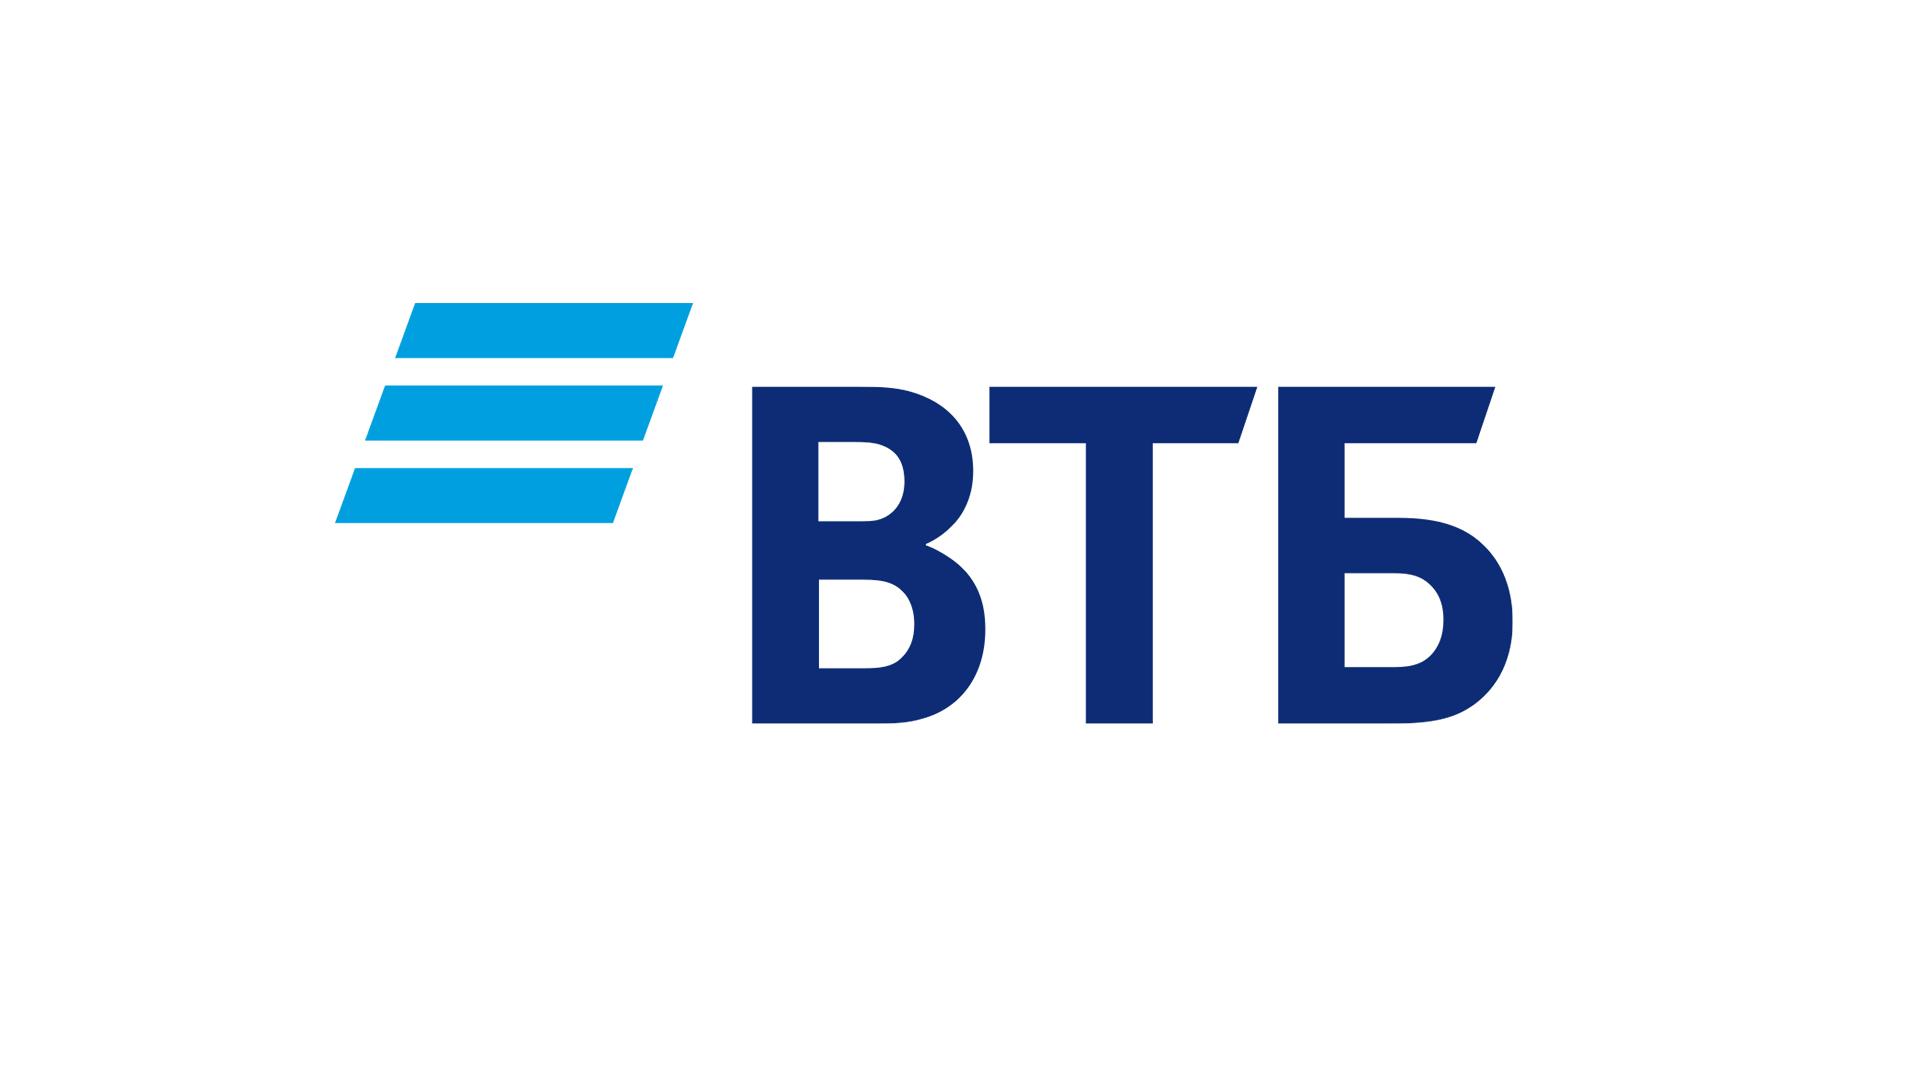 ВТБ поддержал проект по развитию садоводства в Северной Осетии